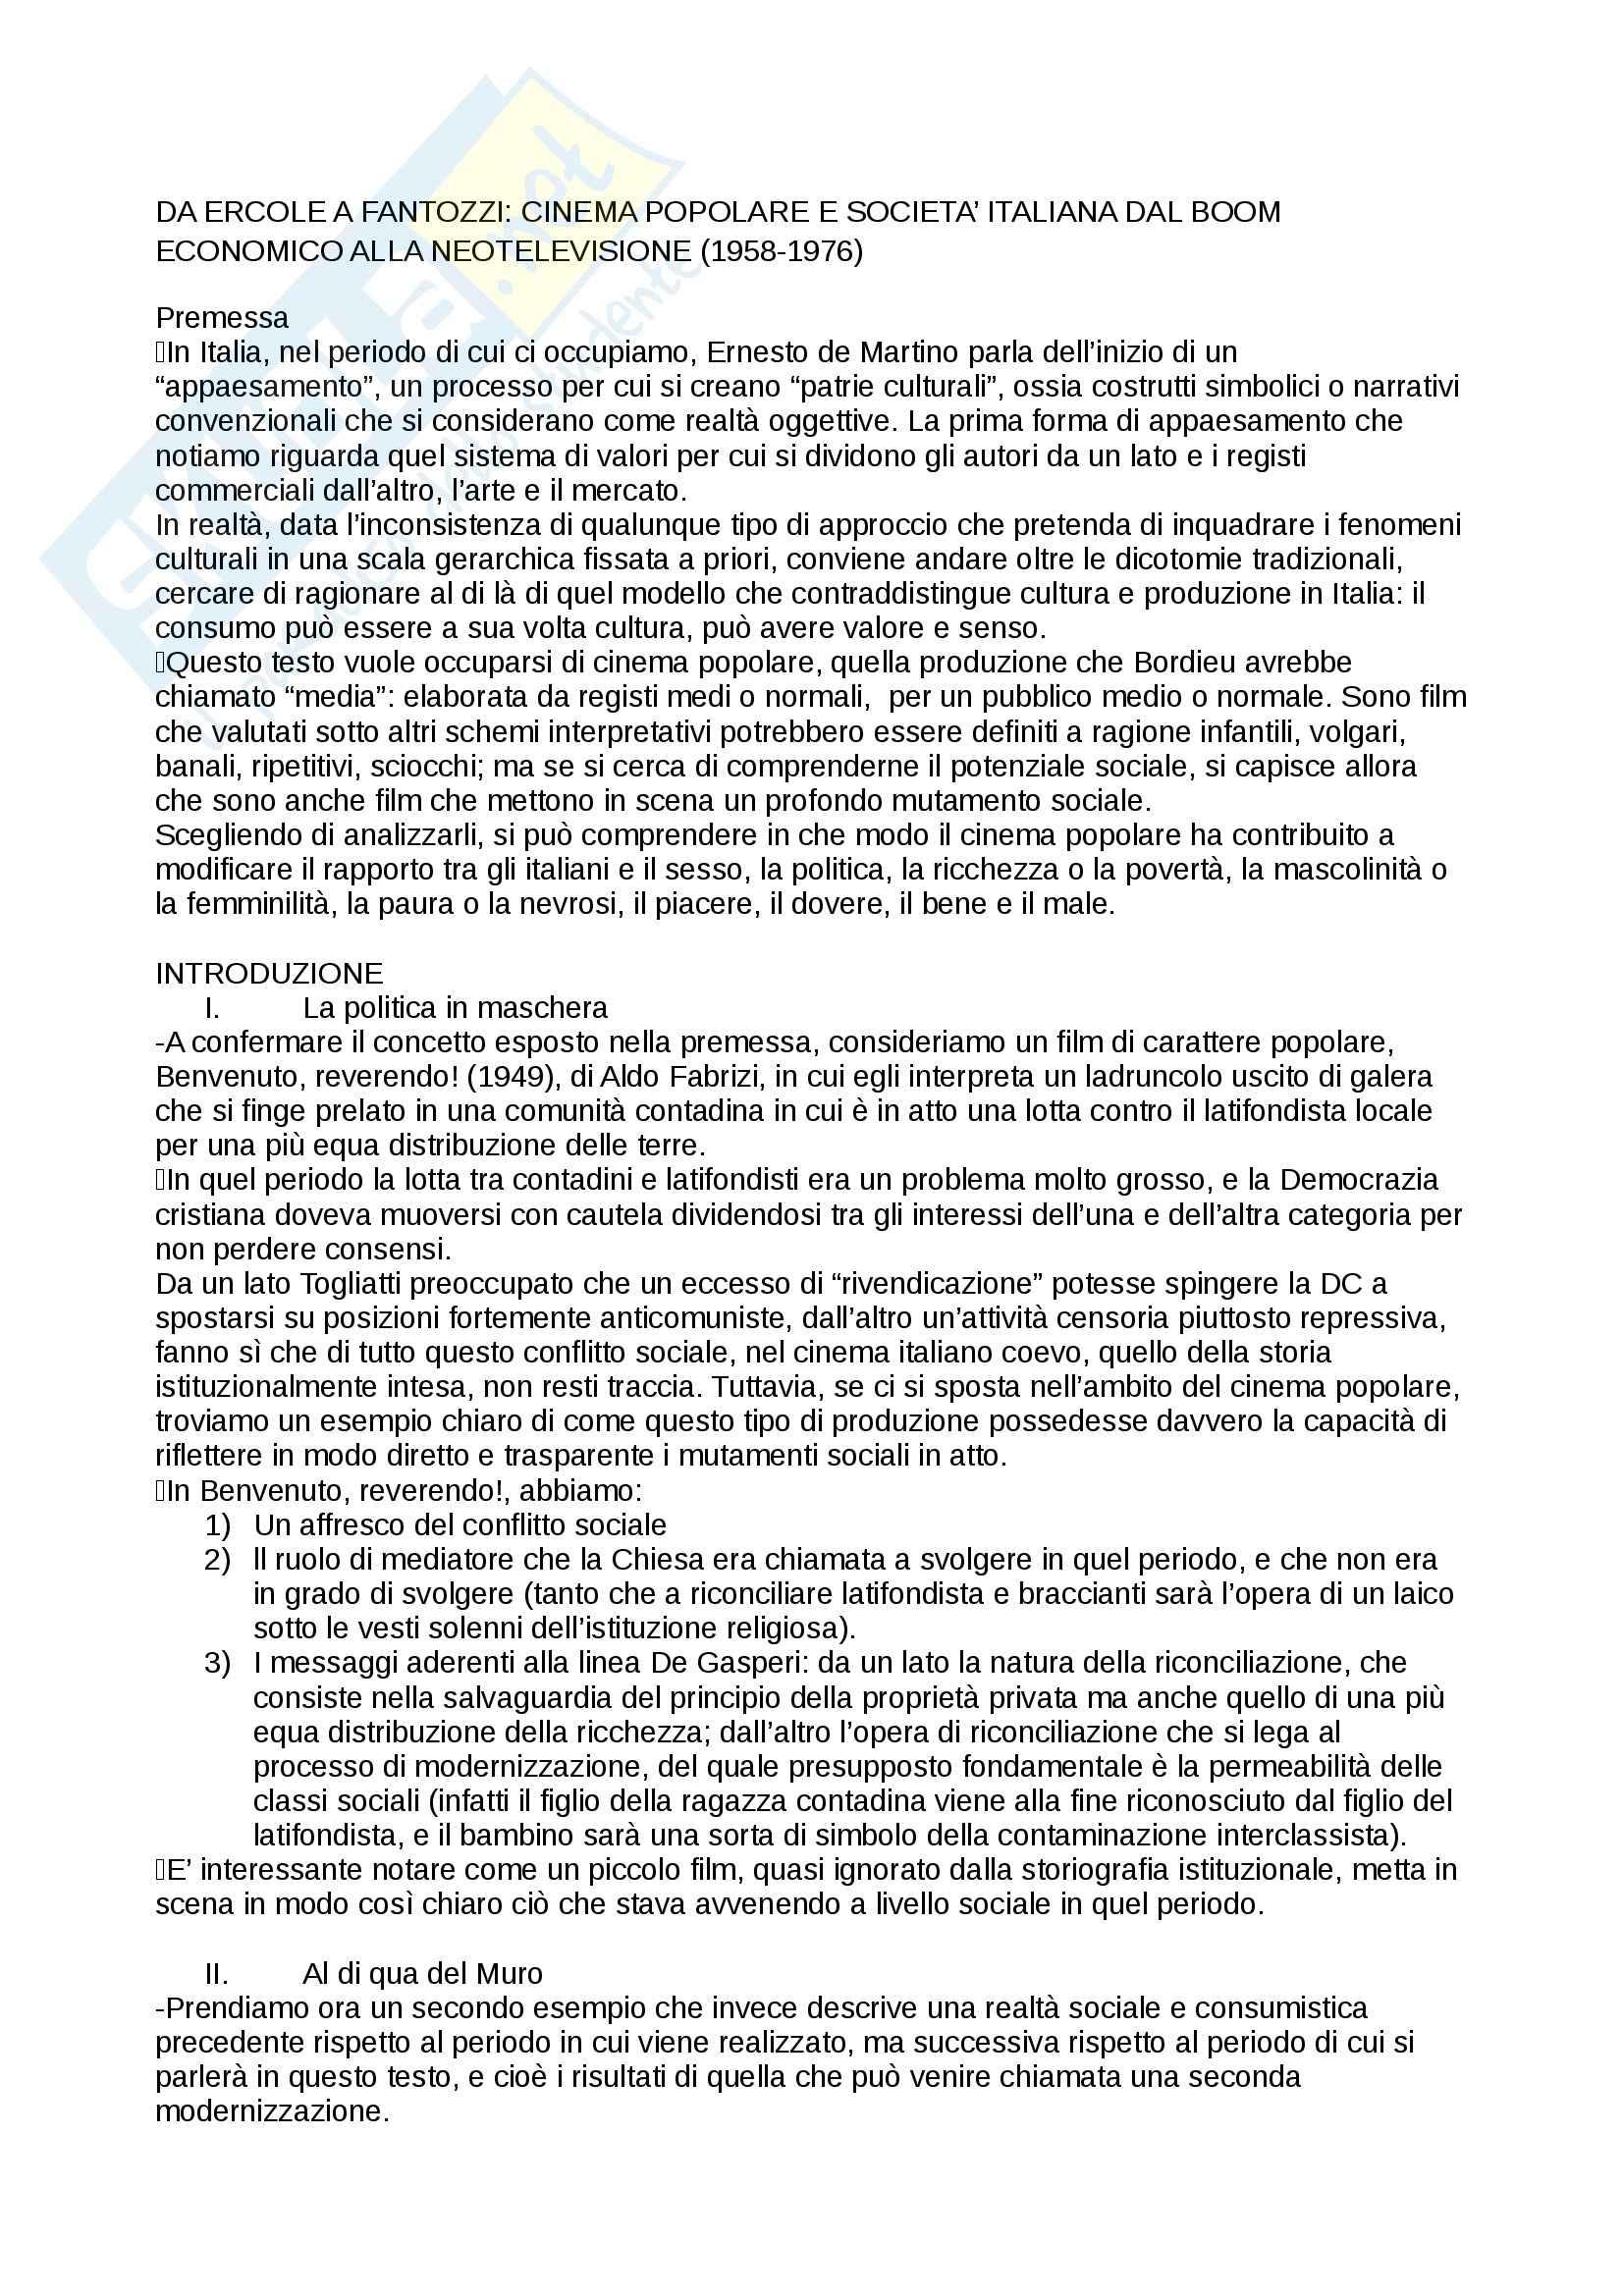 Riassunto esame storia del cinema italiano, prof. Manzoli, libro consigliato Da Ercole a Fantozzi, Cinema popolare e società italiana dal boom economico alla neotelevisione (1958-1976), Manzoli